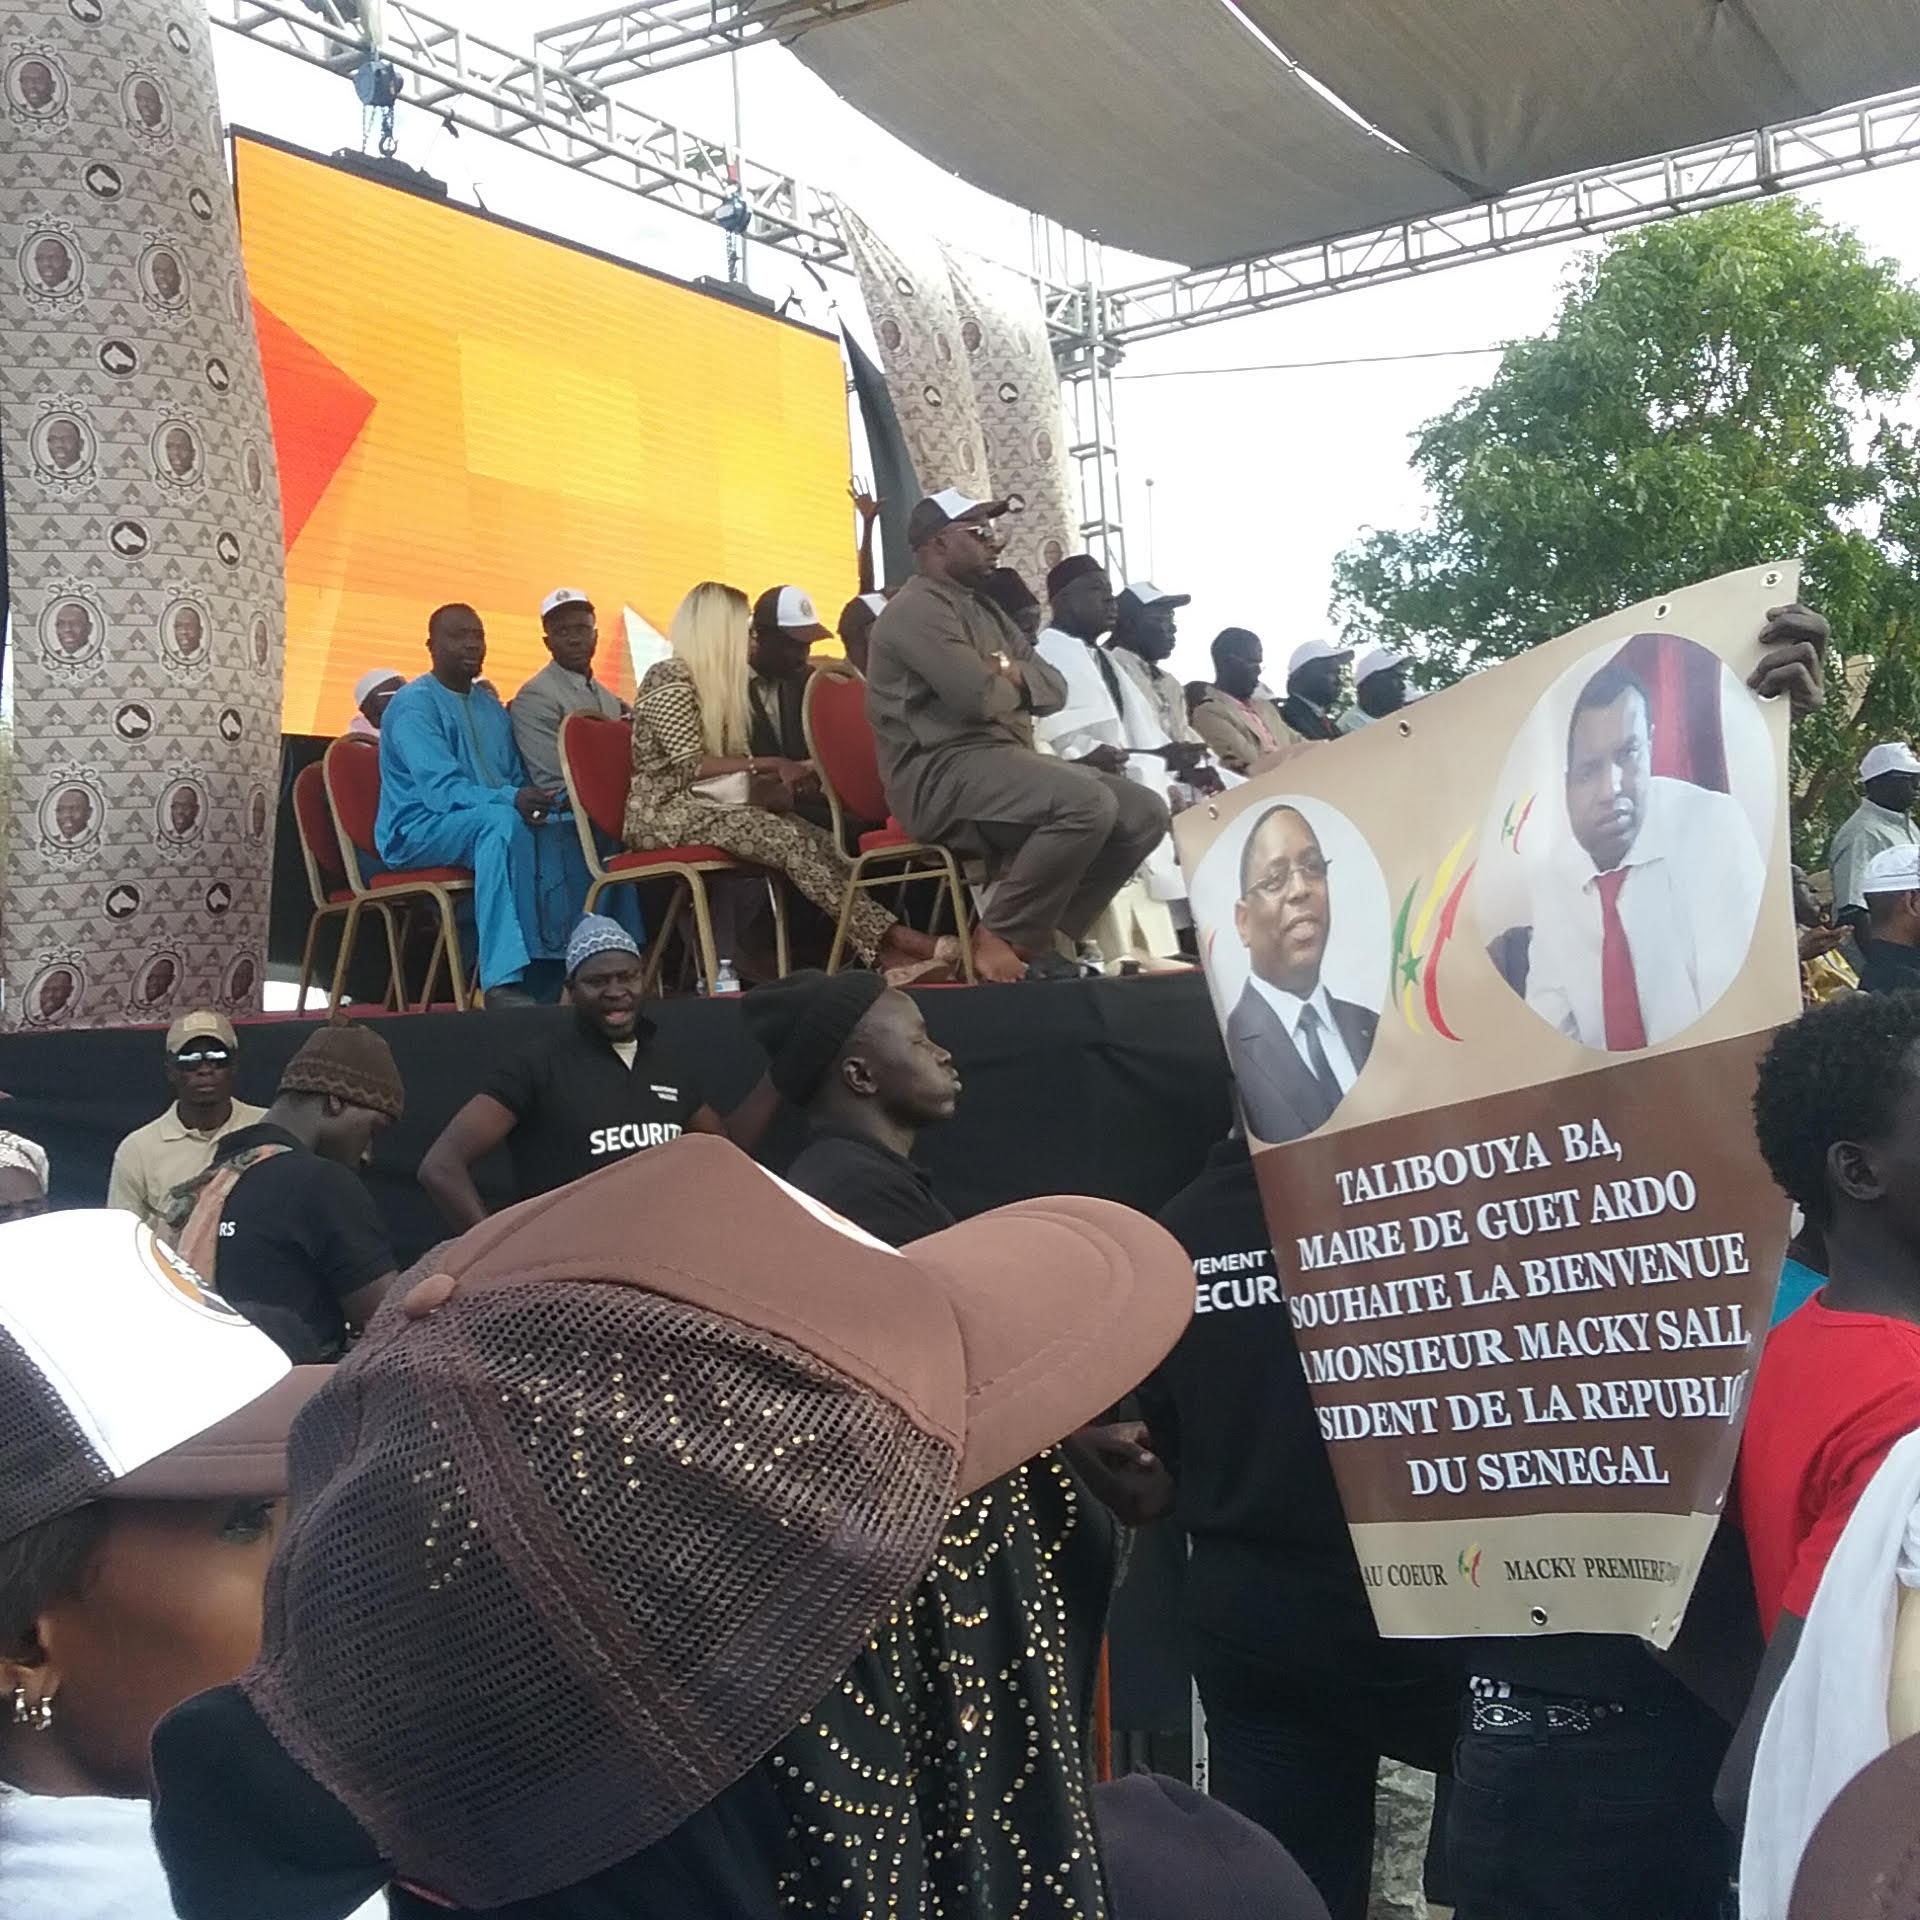 Présidentielle 2019 : Guèt Ardo et son maire Talibouya Ba accueillent le candidat Macky Sall en grande pompe